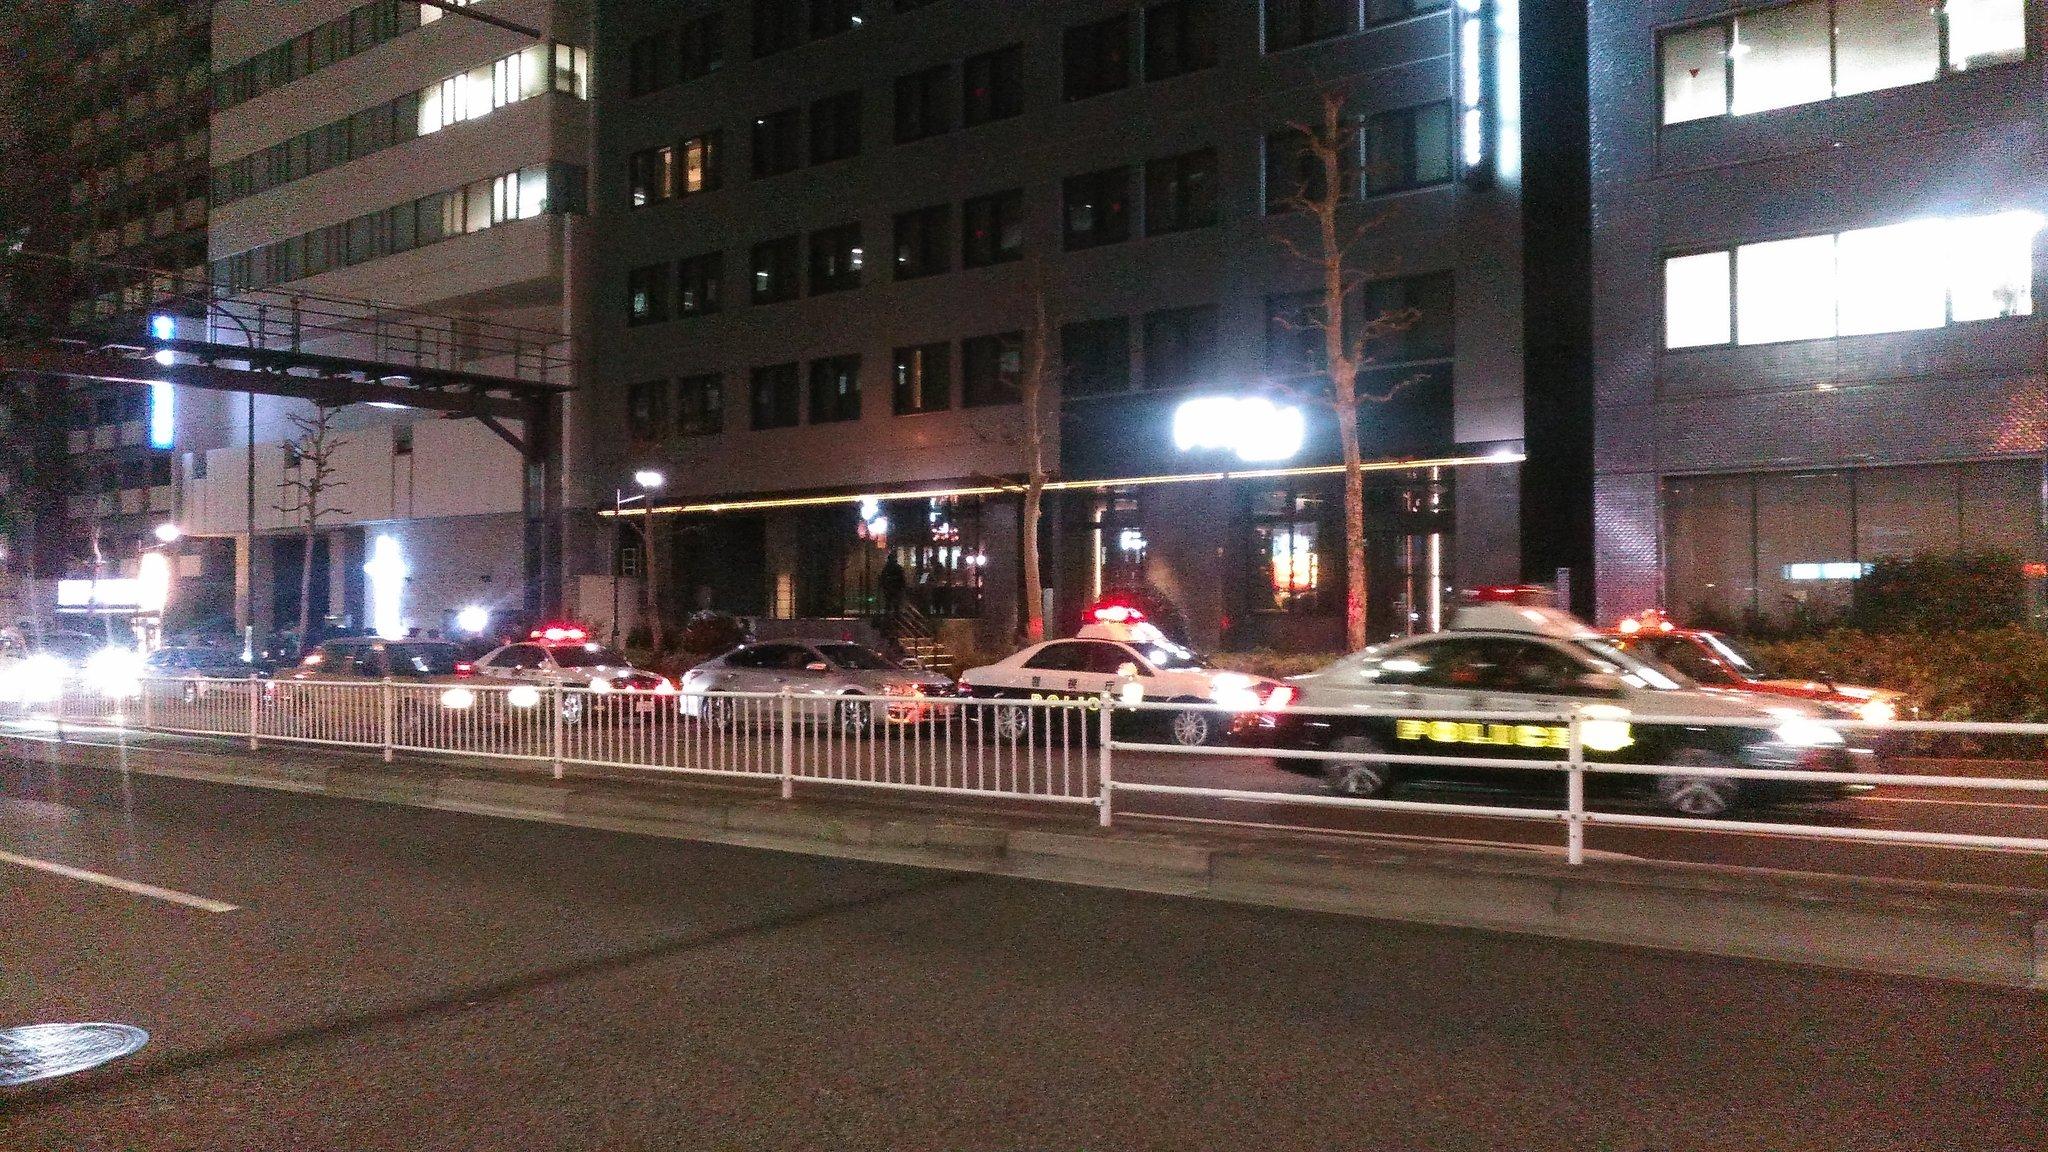 画像,帰り道、近所でパトカーと覆面パトカーとマスゴミとヘリコプターが押し掛けて謎の祭りをやってる件 #歌舞伎町 https://t.co/IAZZ6GeyNy…